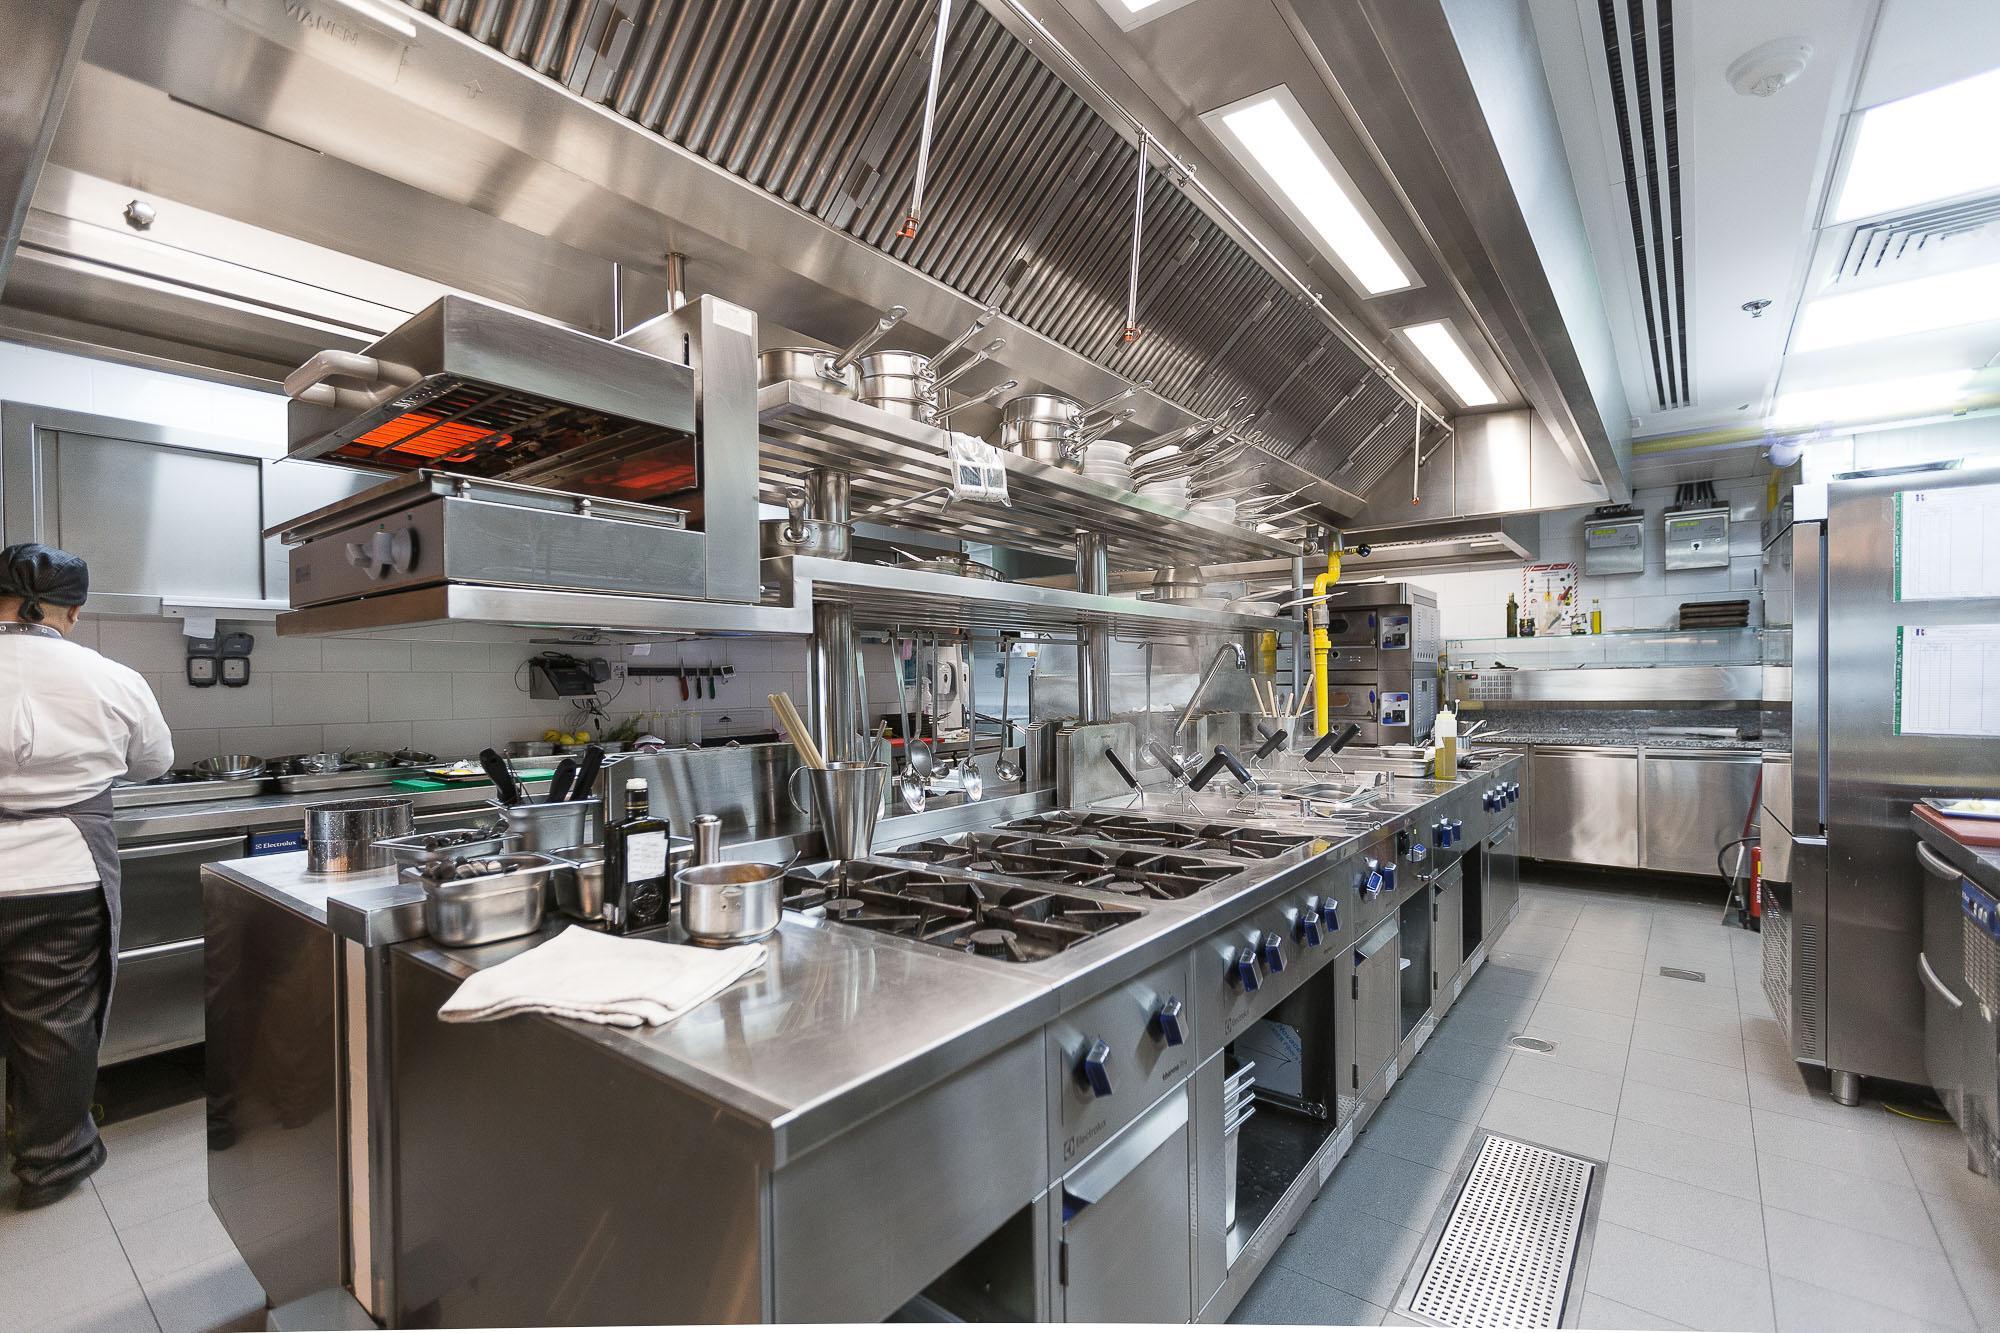 italia_kitchen_robertos_abu_dhabi_32